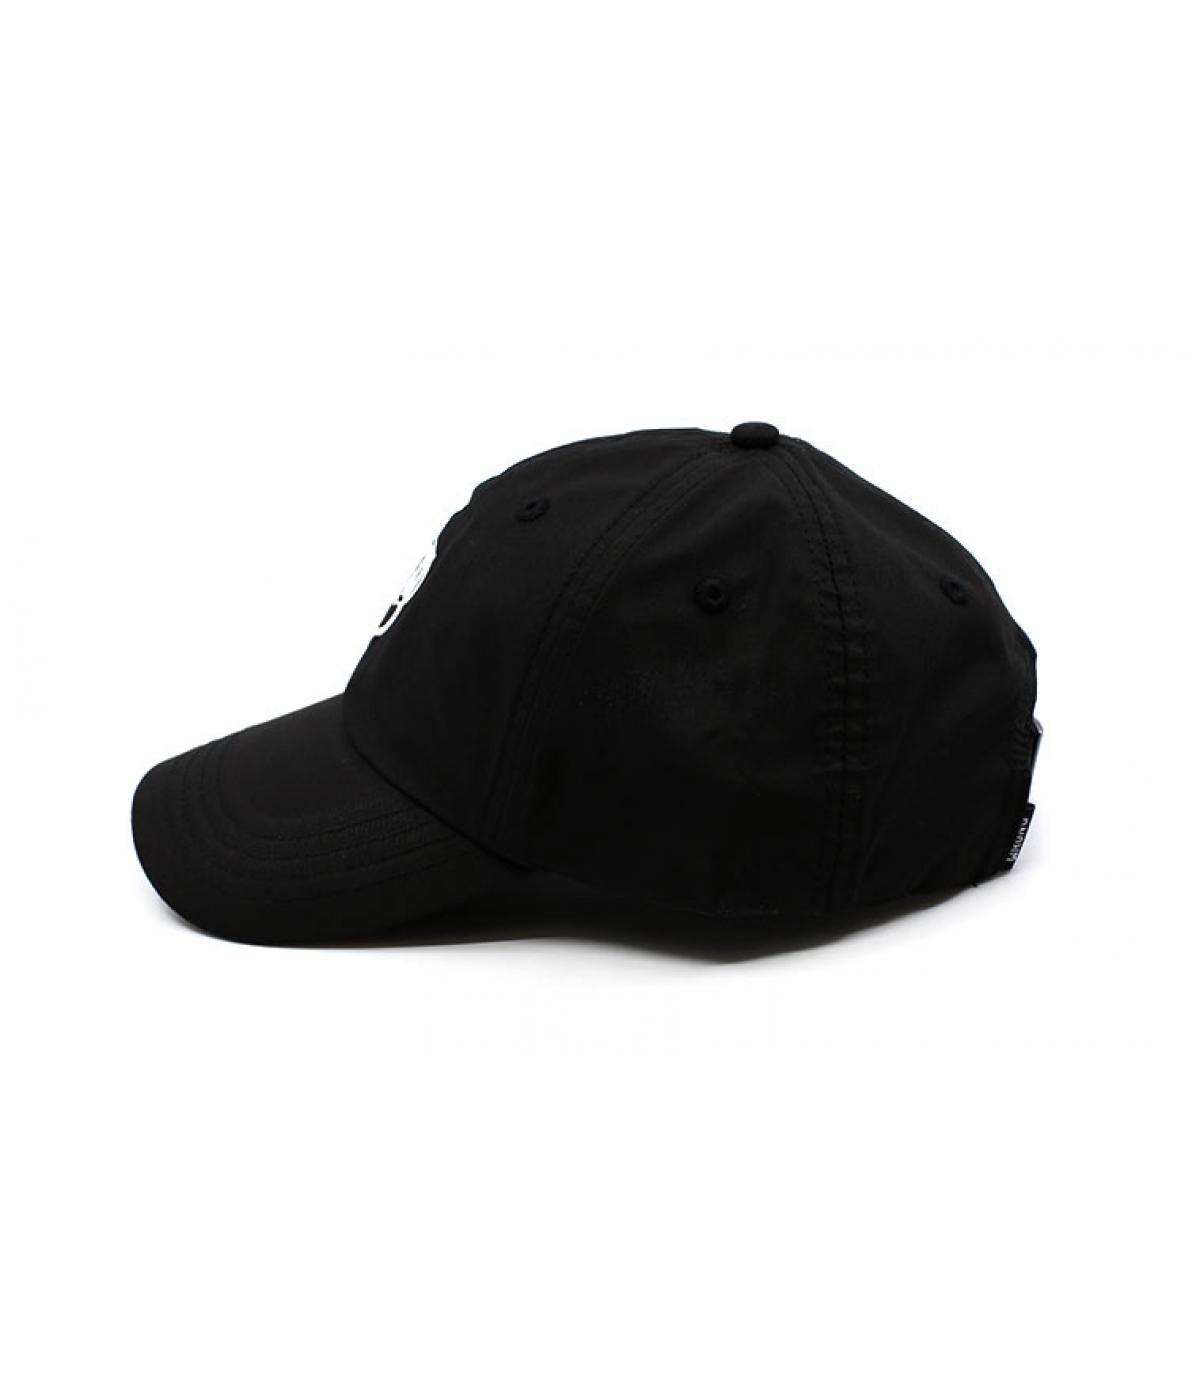 Détails Primo Curve Cap black - image 4